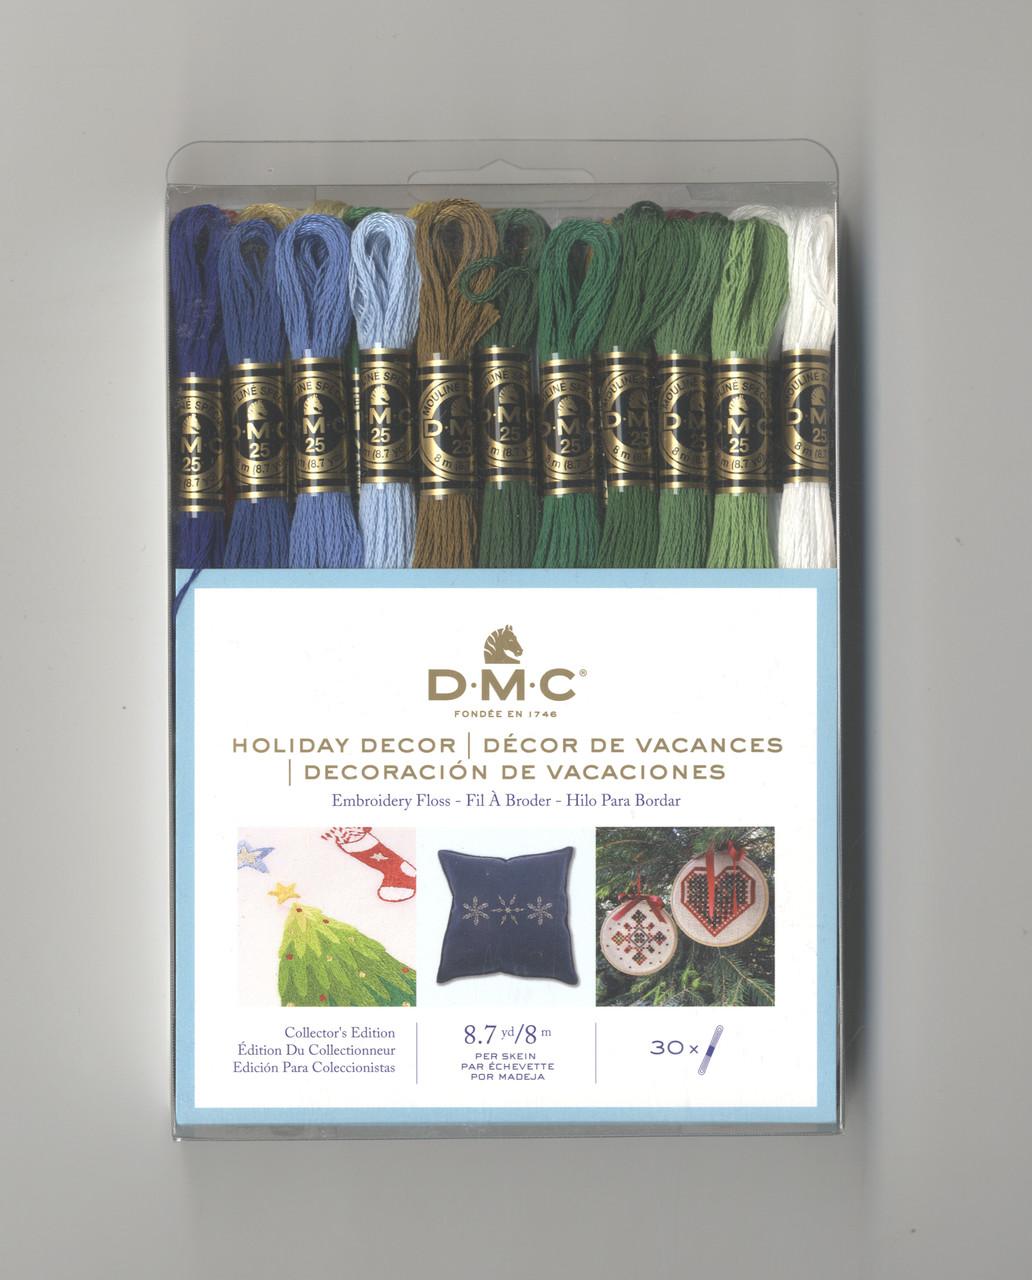 DMC - Holiday Decor Collection